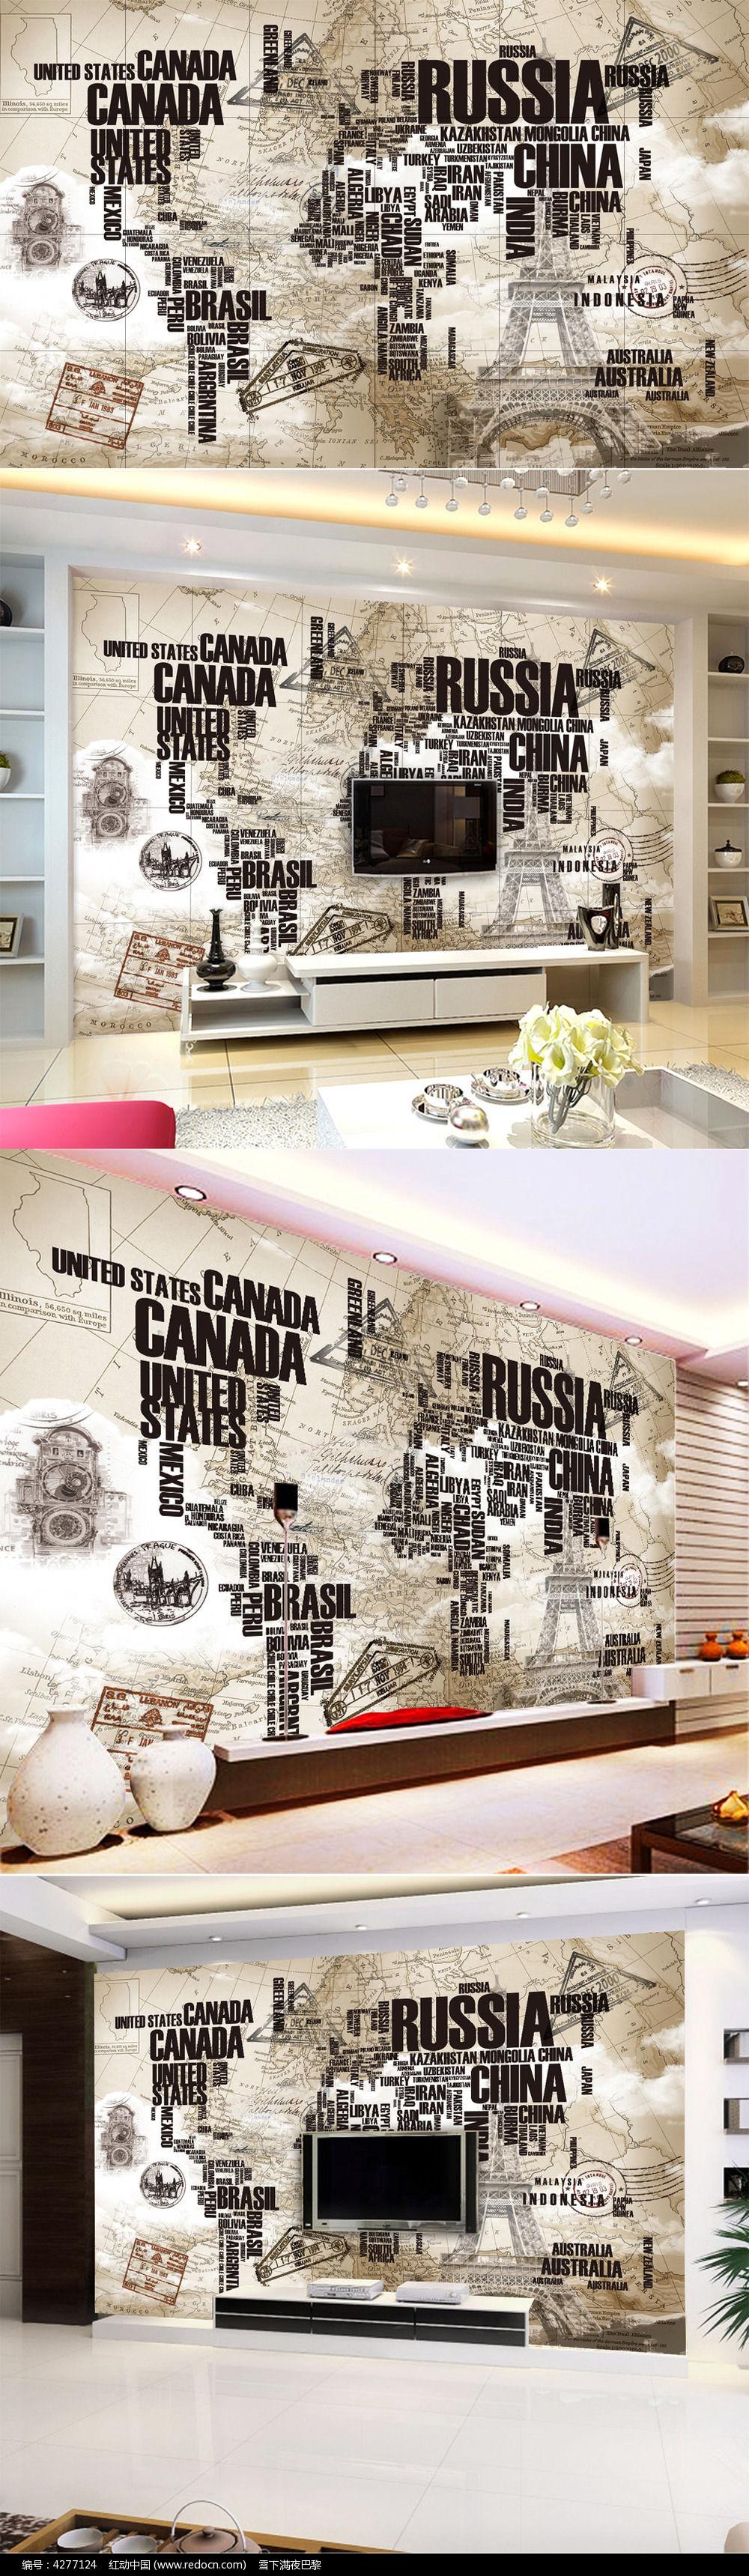 欧式背景墙   创意背景墙 复古背景墙  世界地图背景墙    欧式壁纸